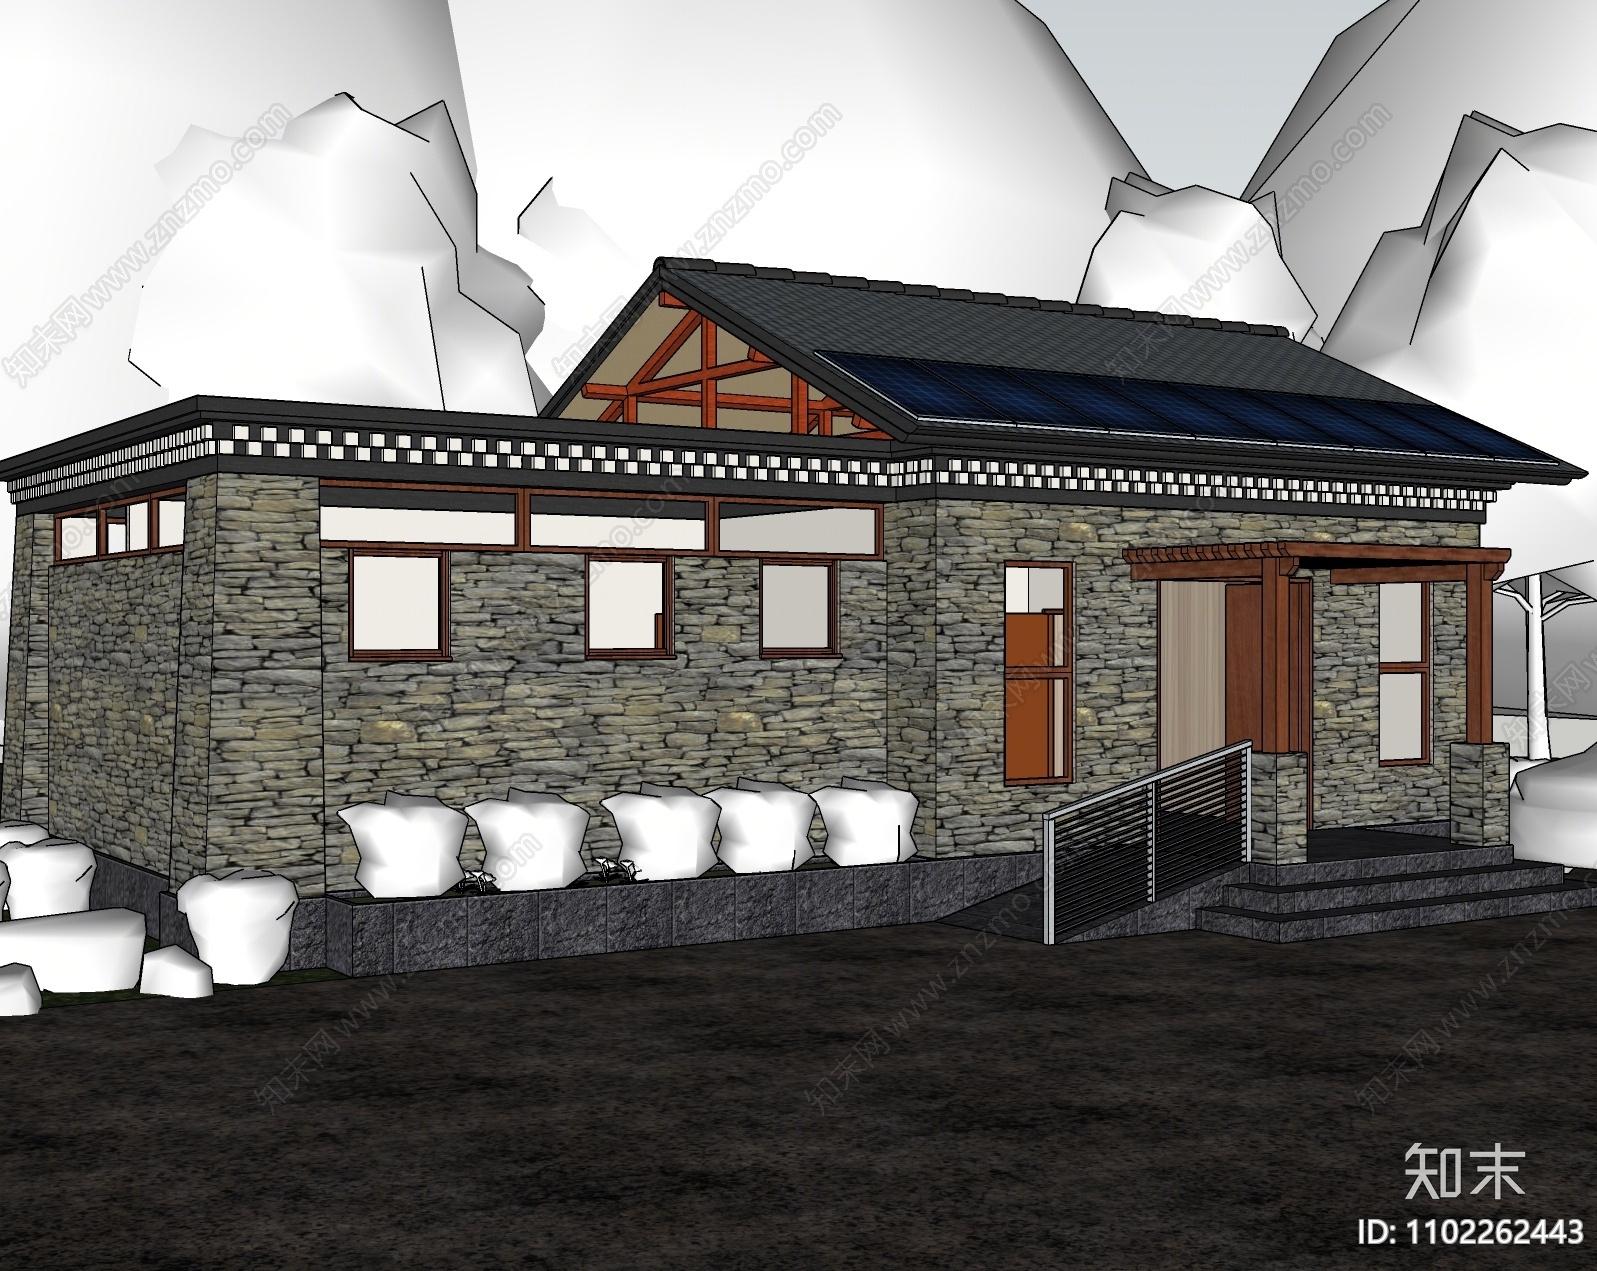 中式公共厕所SU模型下载【ID:1102262443】